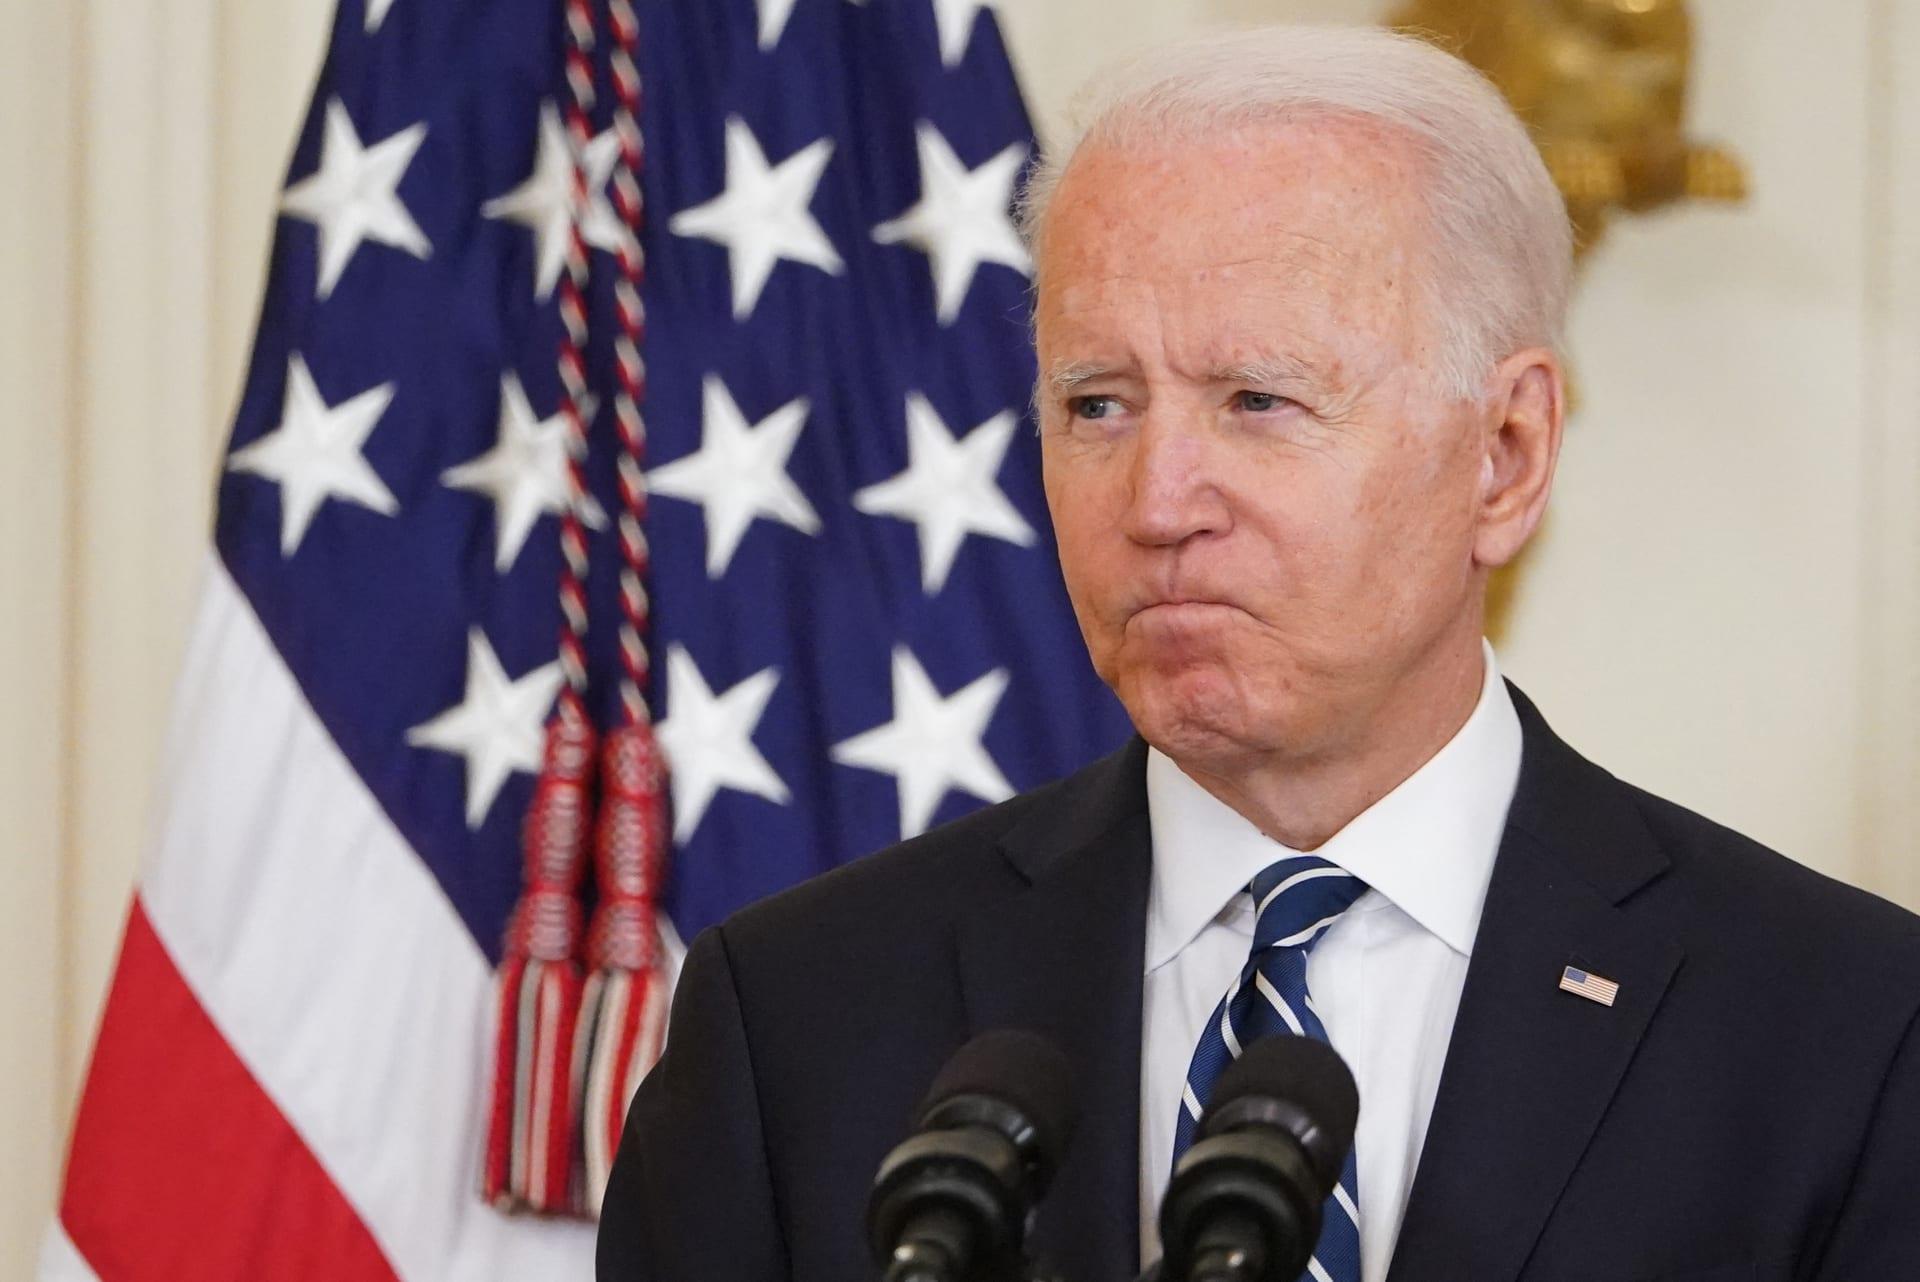 واشنطن بوست : سياسة بايدين في سوريا مترددة  والوضع يزداد تدهوراً